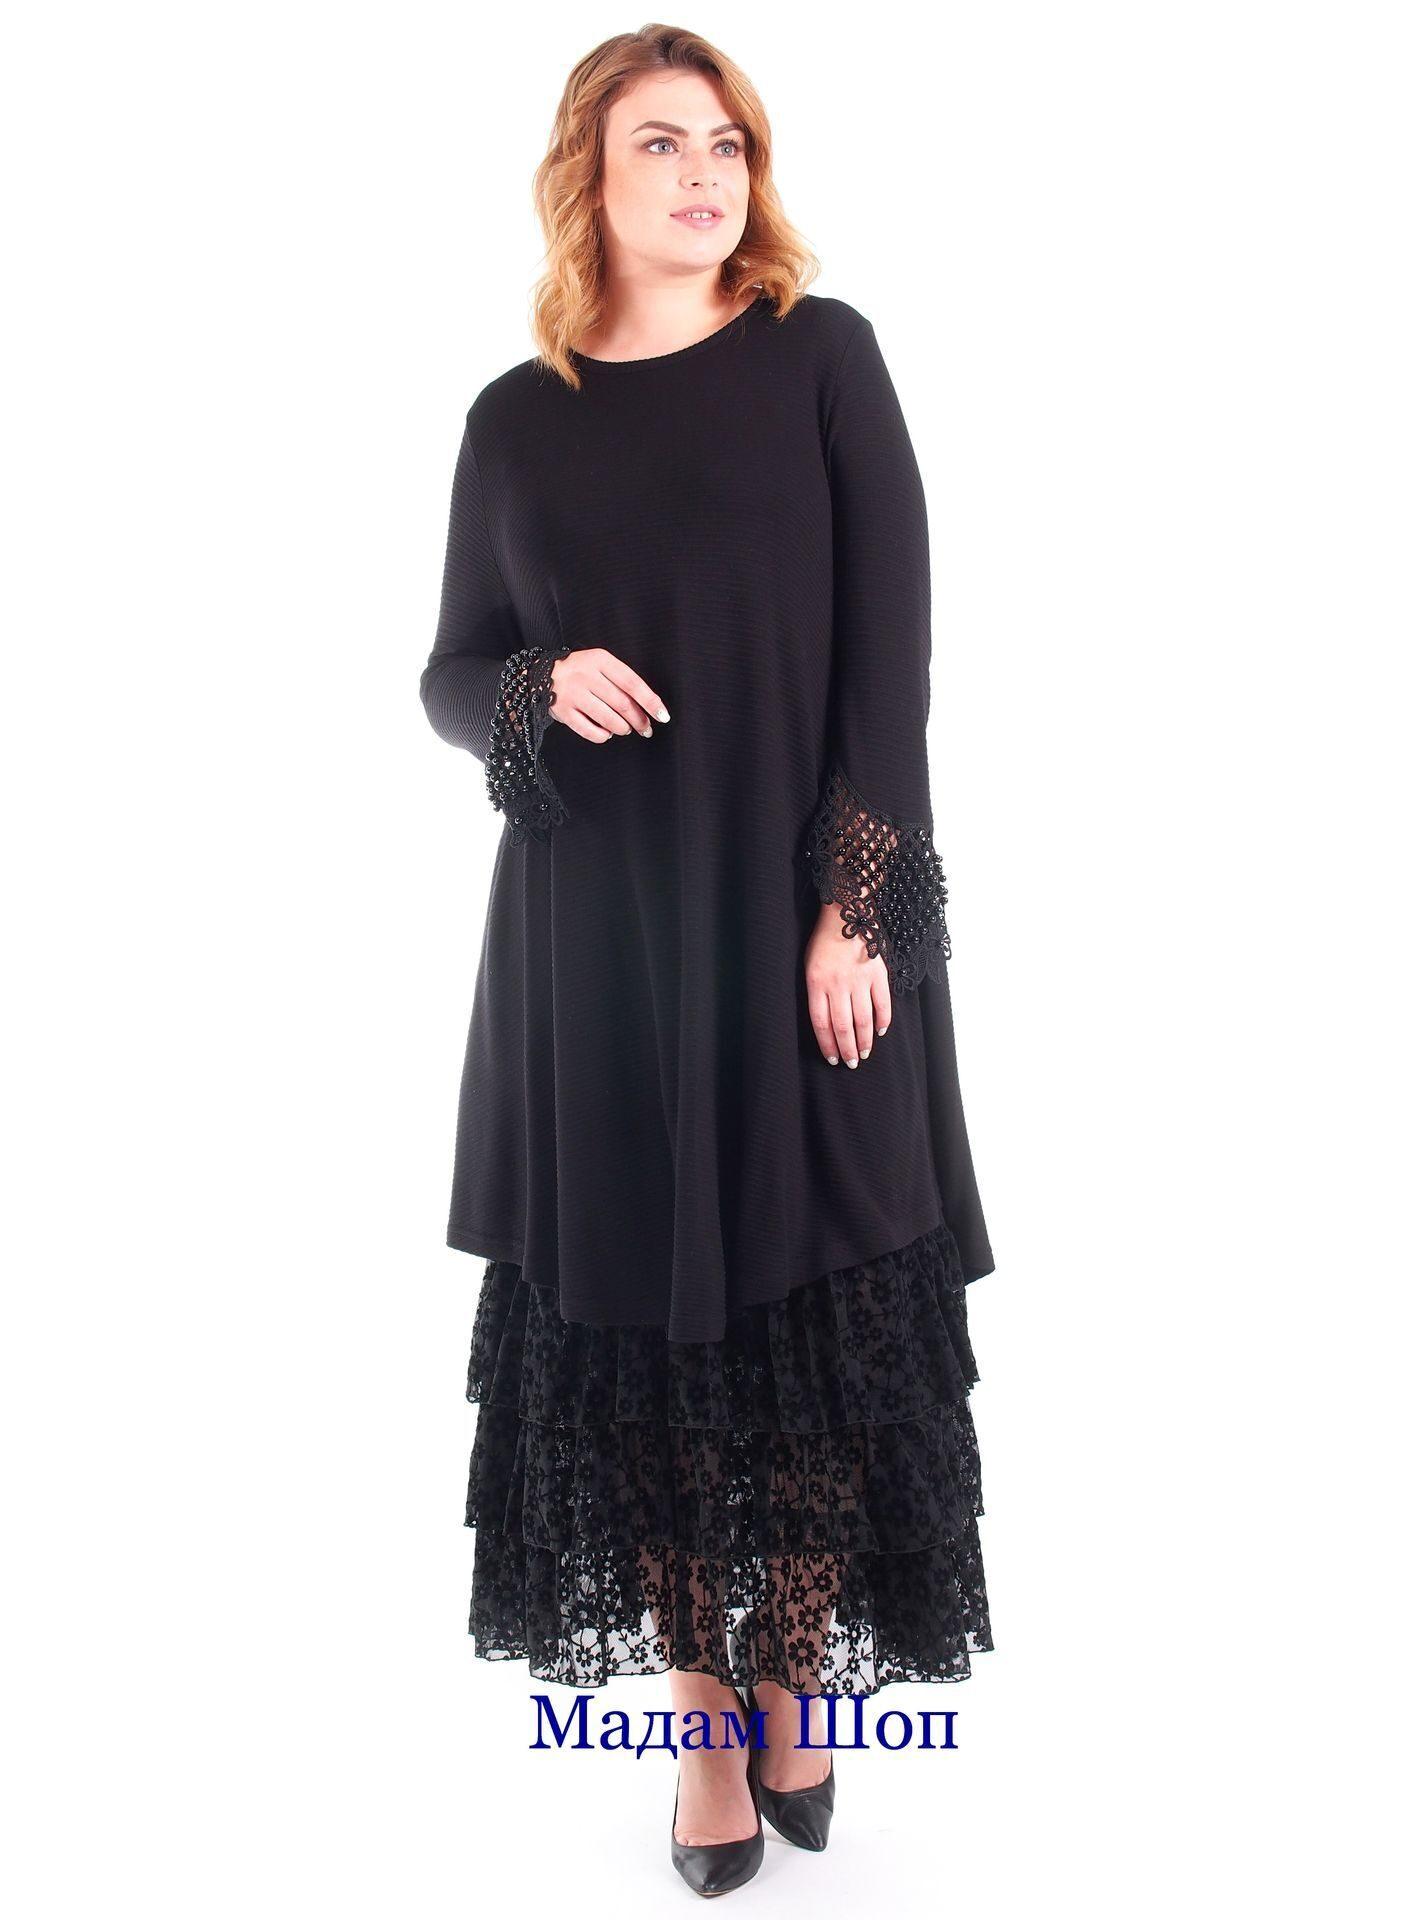 9ae5fa014a7d0f4 НЕТ В НАЛИЧИИ. Чёрное платье-туника из трикотажа, длиной до колена. Ажурные  манжеты, декорированные бисером. Подъюбник приобретается отдельно, в  стоимость ...